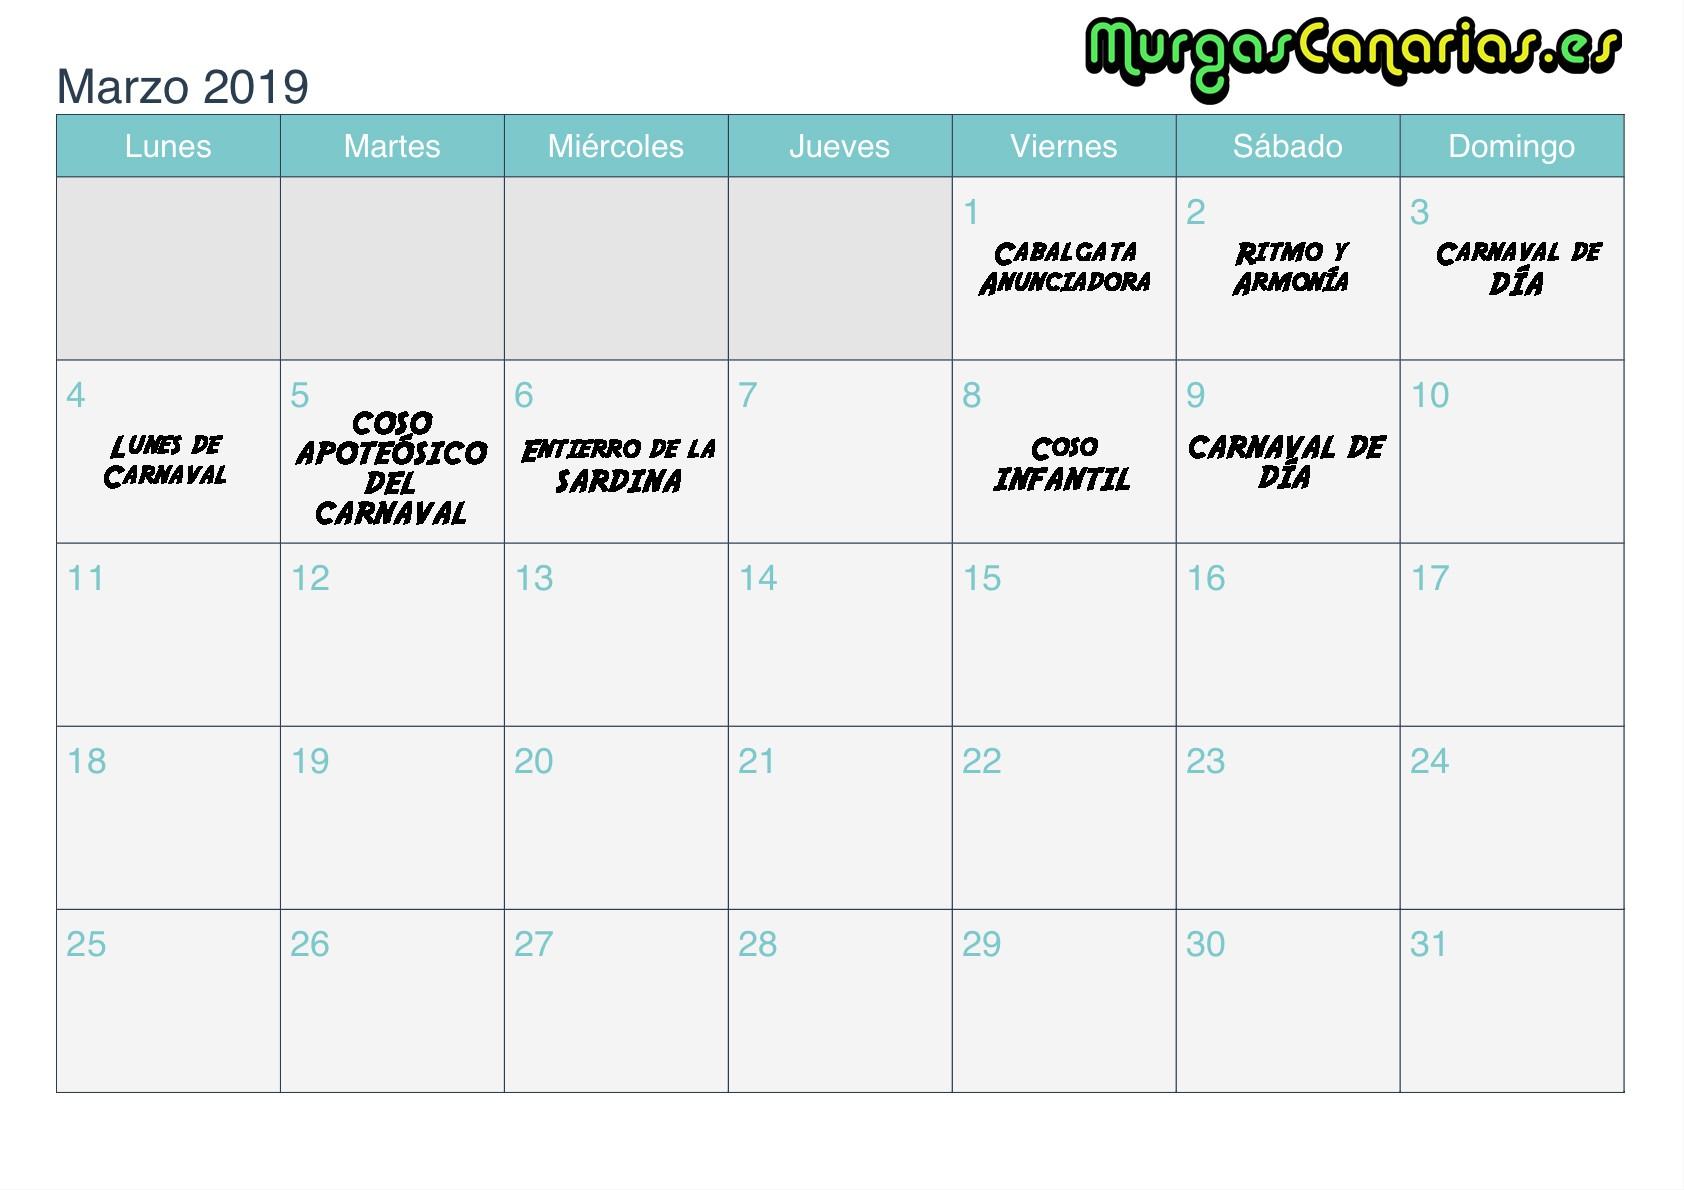 Calendario Escolar 2019 Carnaval Más Reciente Fechas Del Carnaval De Santa Cruz De Tenerife 2019 Of Calendario Escolar 2019 Carnaval Recientes Calendario Escolar Del Curso 17 18